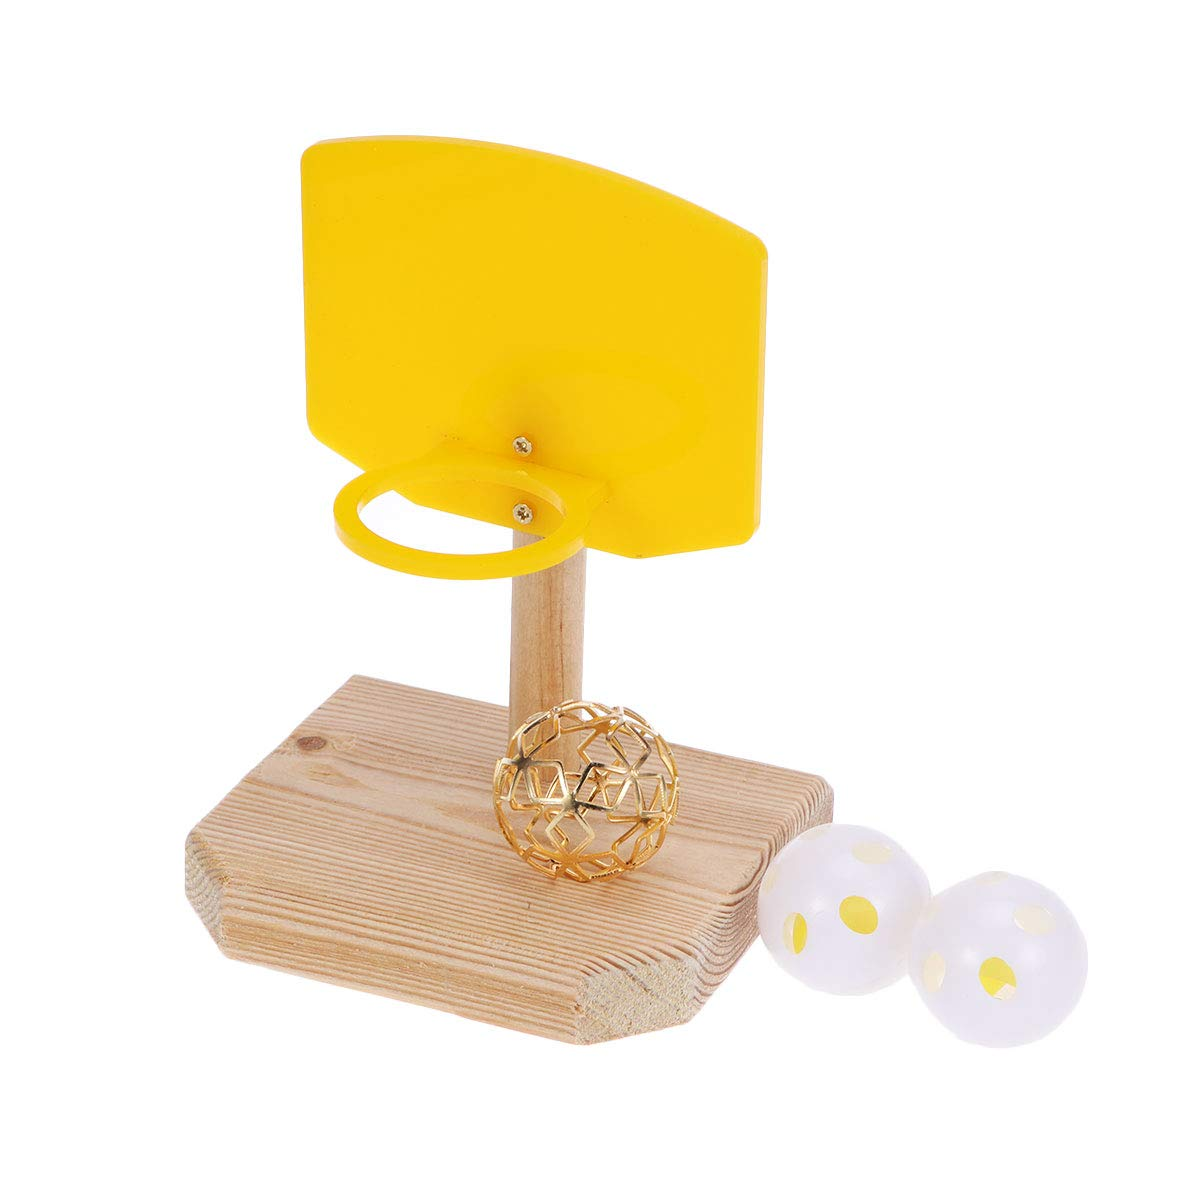 POPETPOP Parrot Basketball Toy Pet Birds Chew Toy Parrot Training Basketball Hoop Prop Toy by POPETPOP